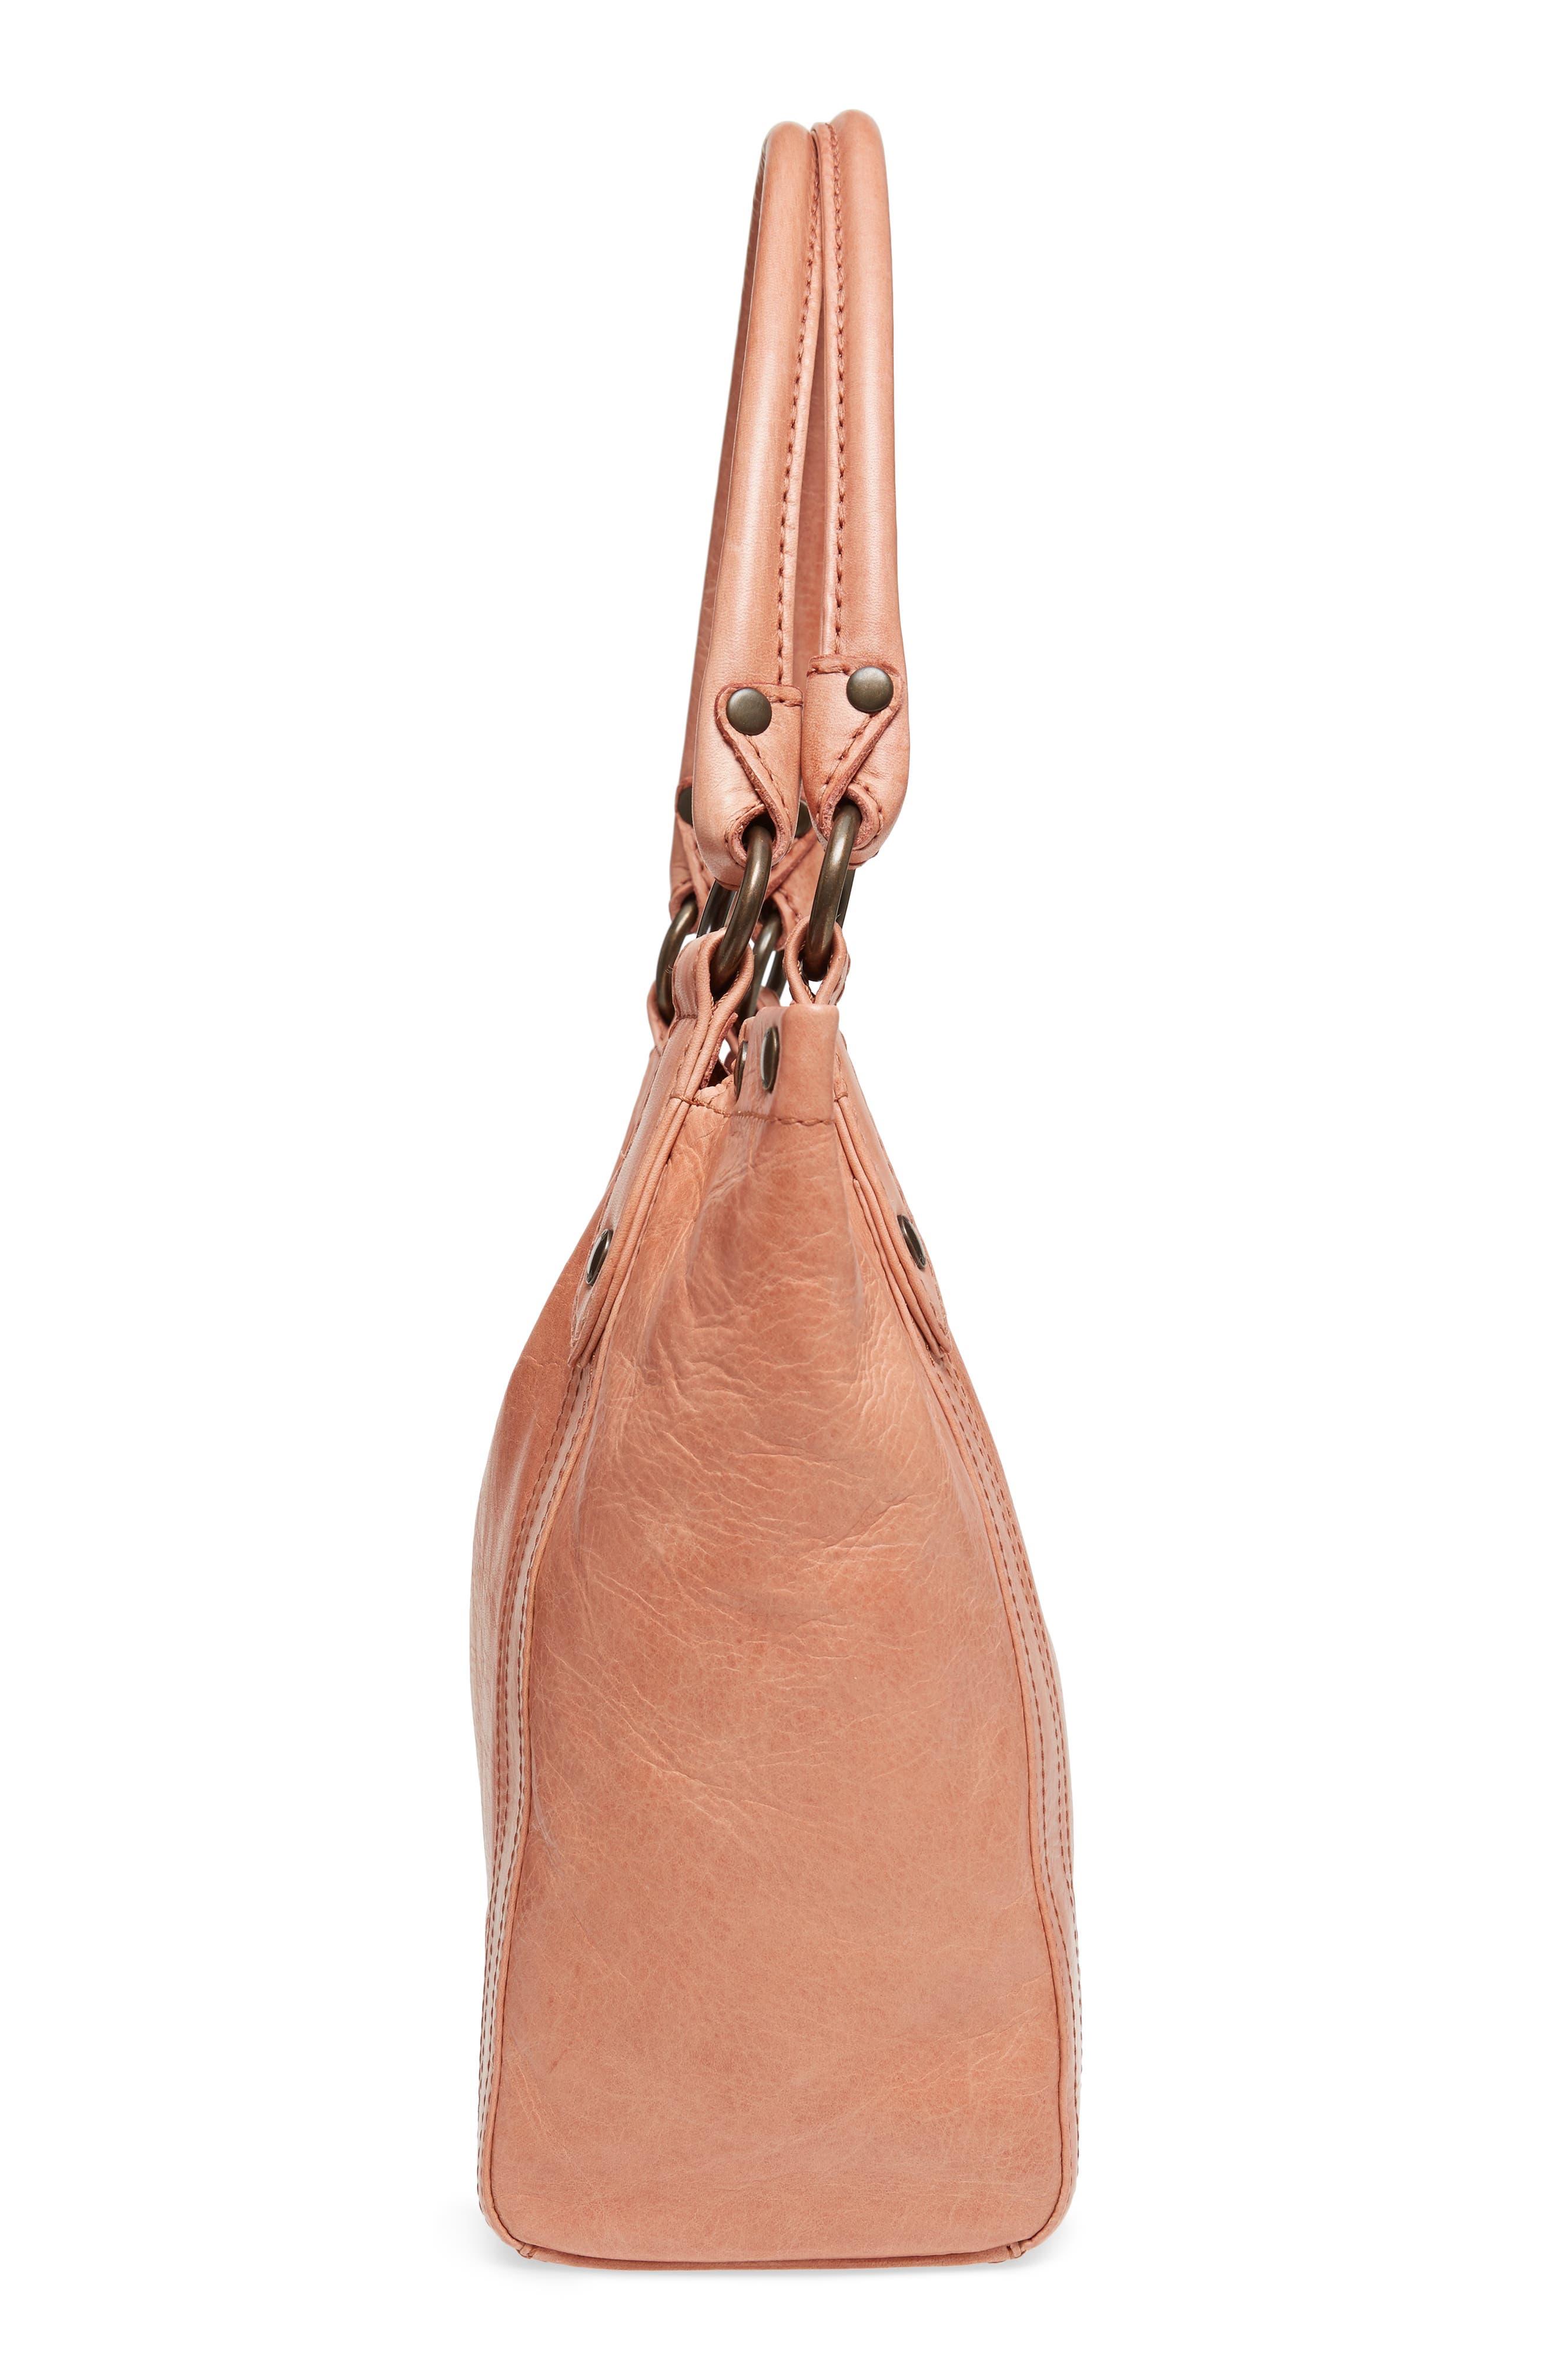 Melissa Leather Shoulder Bag,                             Alternate thumbnail 5, color,                             DUSTY ROSE